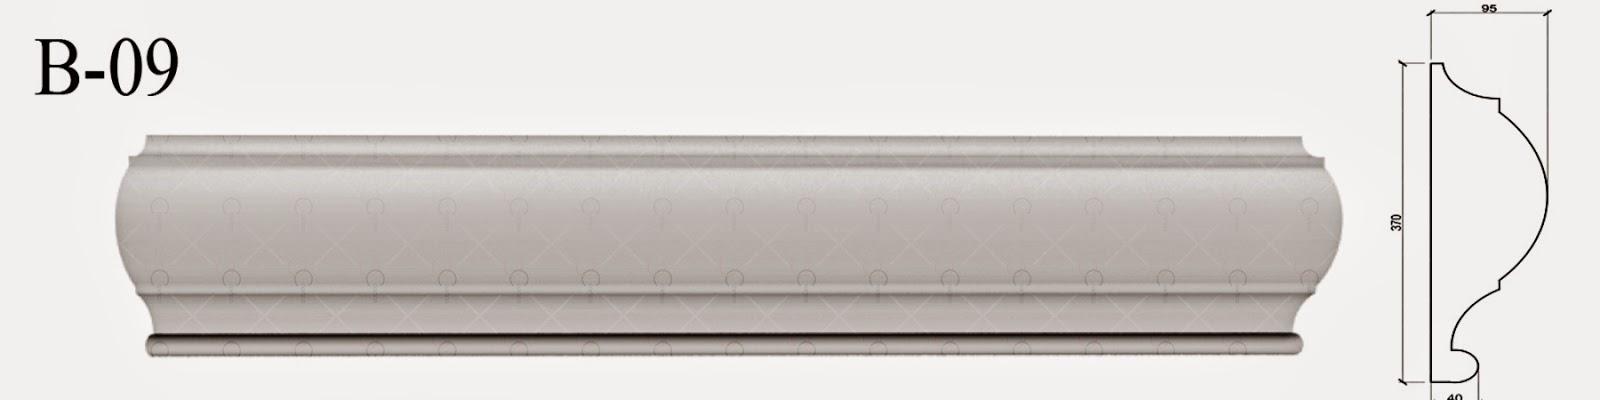 Brauri - Profile Decorative Polistiren pentru fatade case, producator, imagini, modele